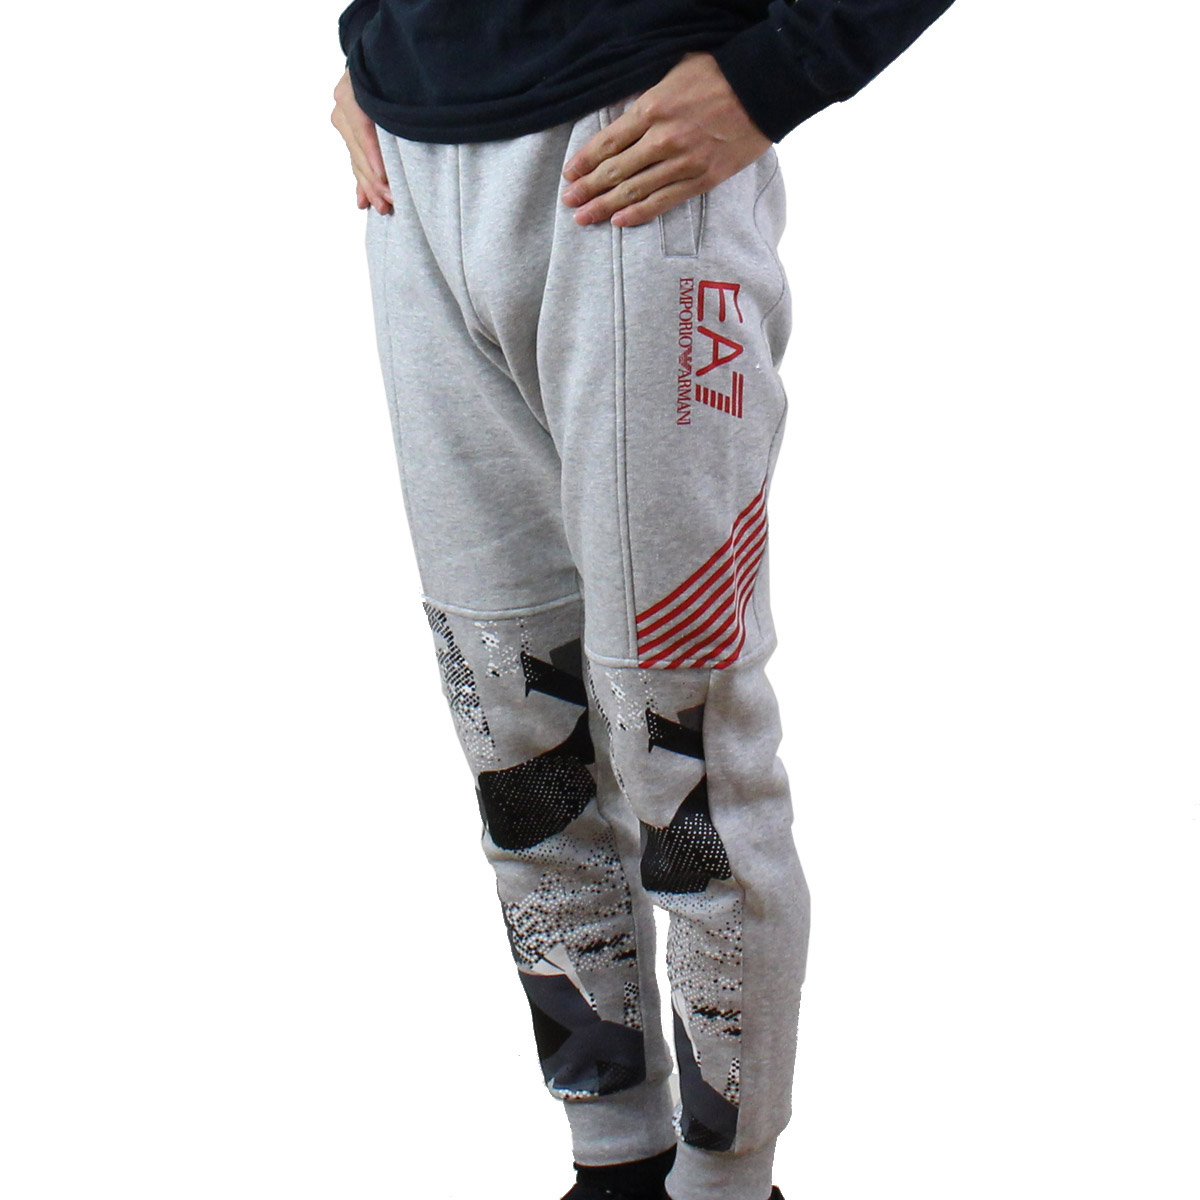 进入E A七EA7人图像转换设计标识运动衫裤子6YPP91 PJ07Z 3904 LIGHT GREY MELANGE灰色派的